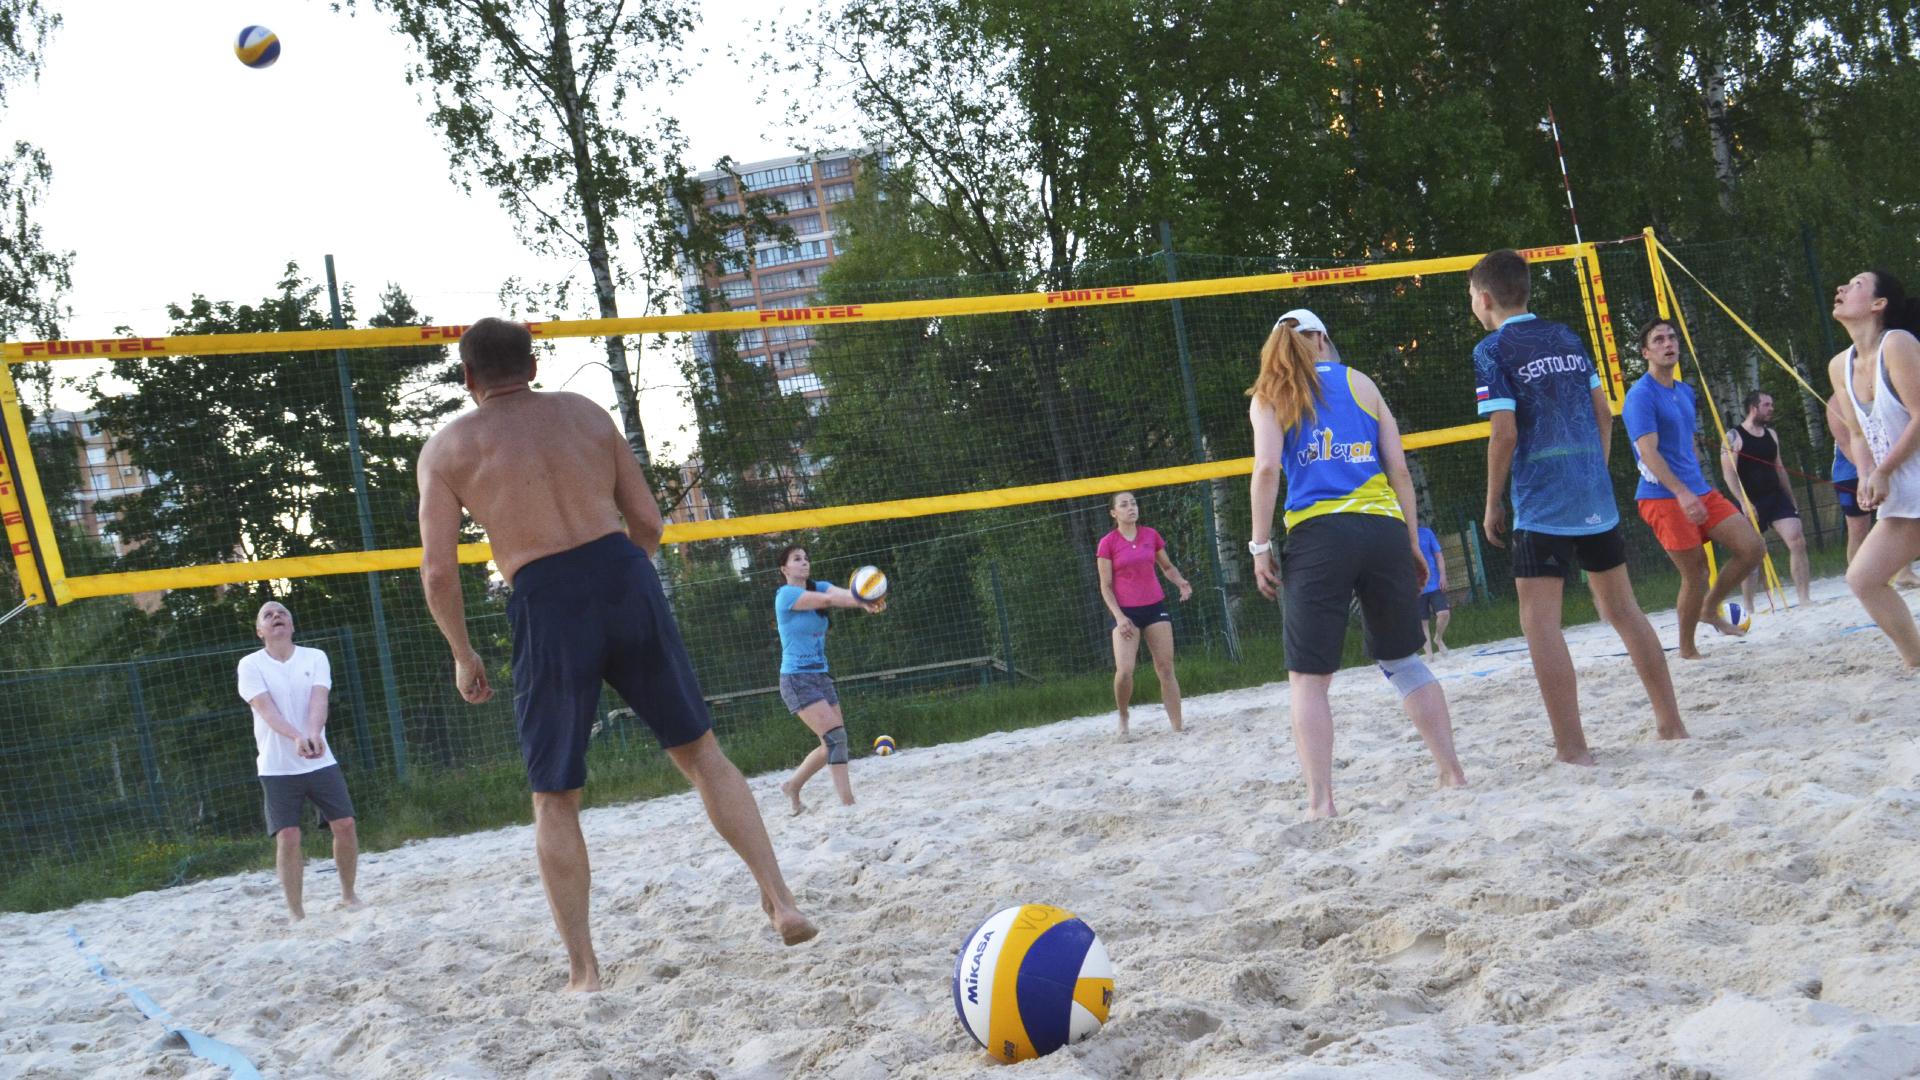 тренировки по пляжному волейболу для взрослых Петербург